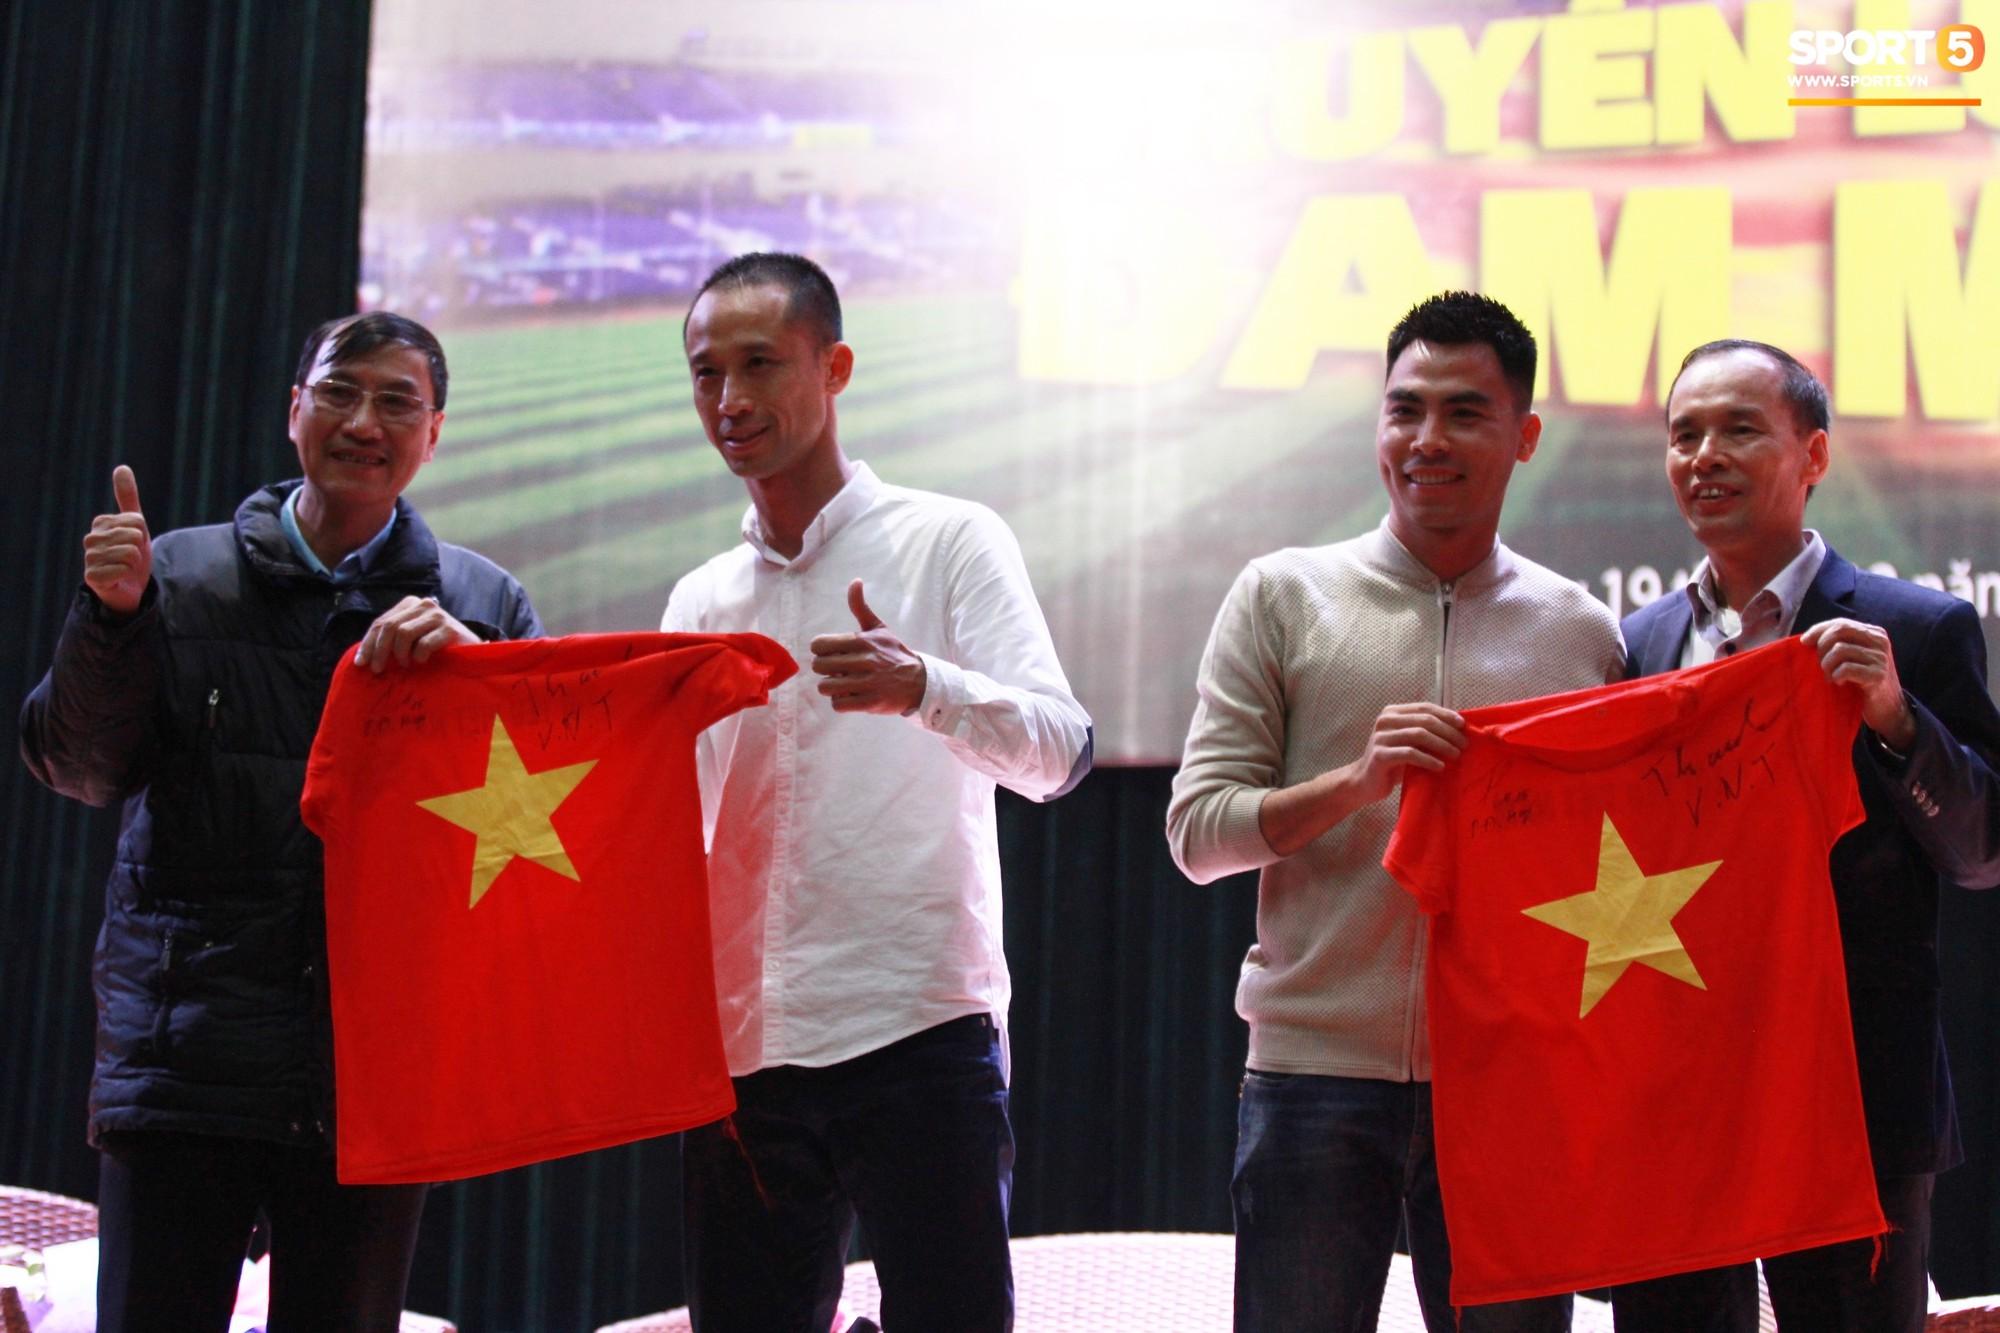 Nhà vô địch Phạm Đức Huy truyền cảm hứng cho sinh viên Học viện Công nghệ Bưu chính Viễn thông - Ảnh 2.